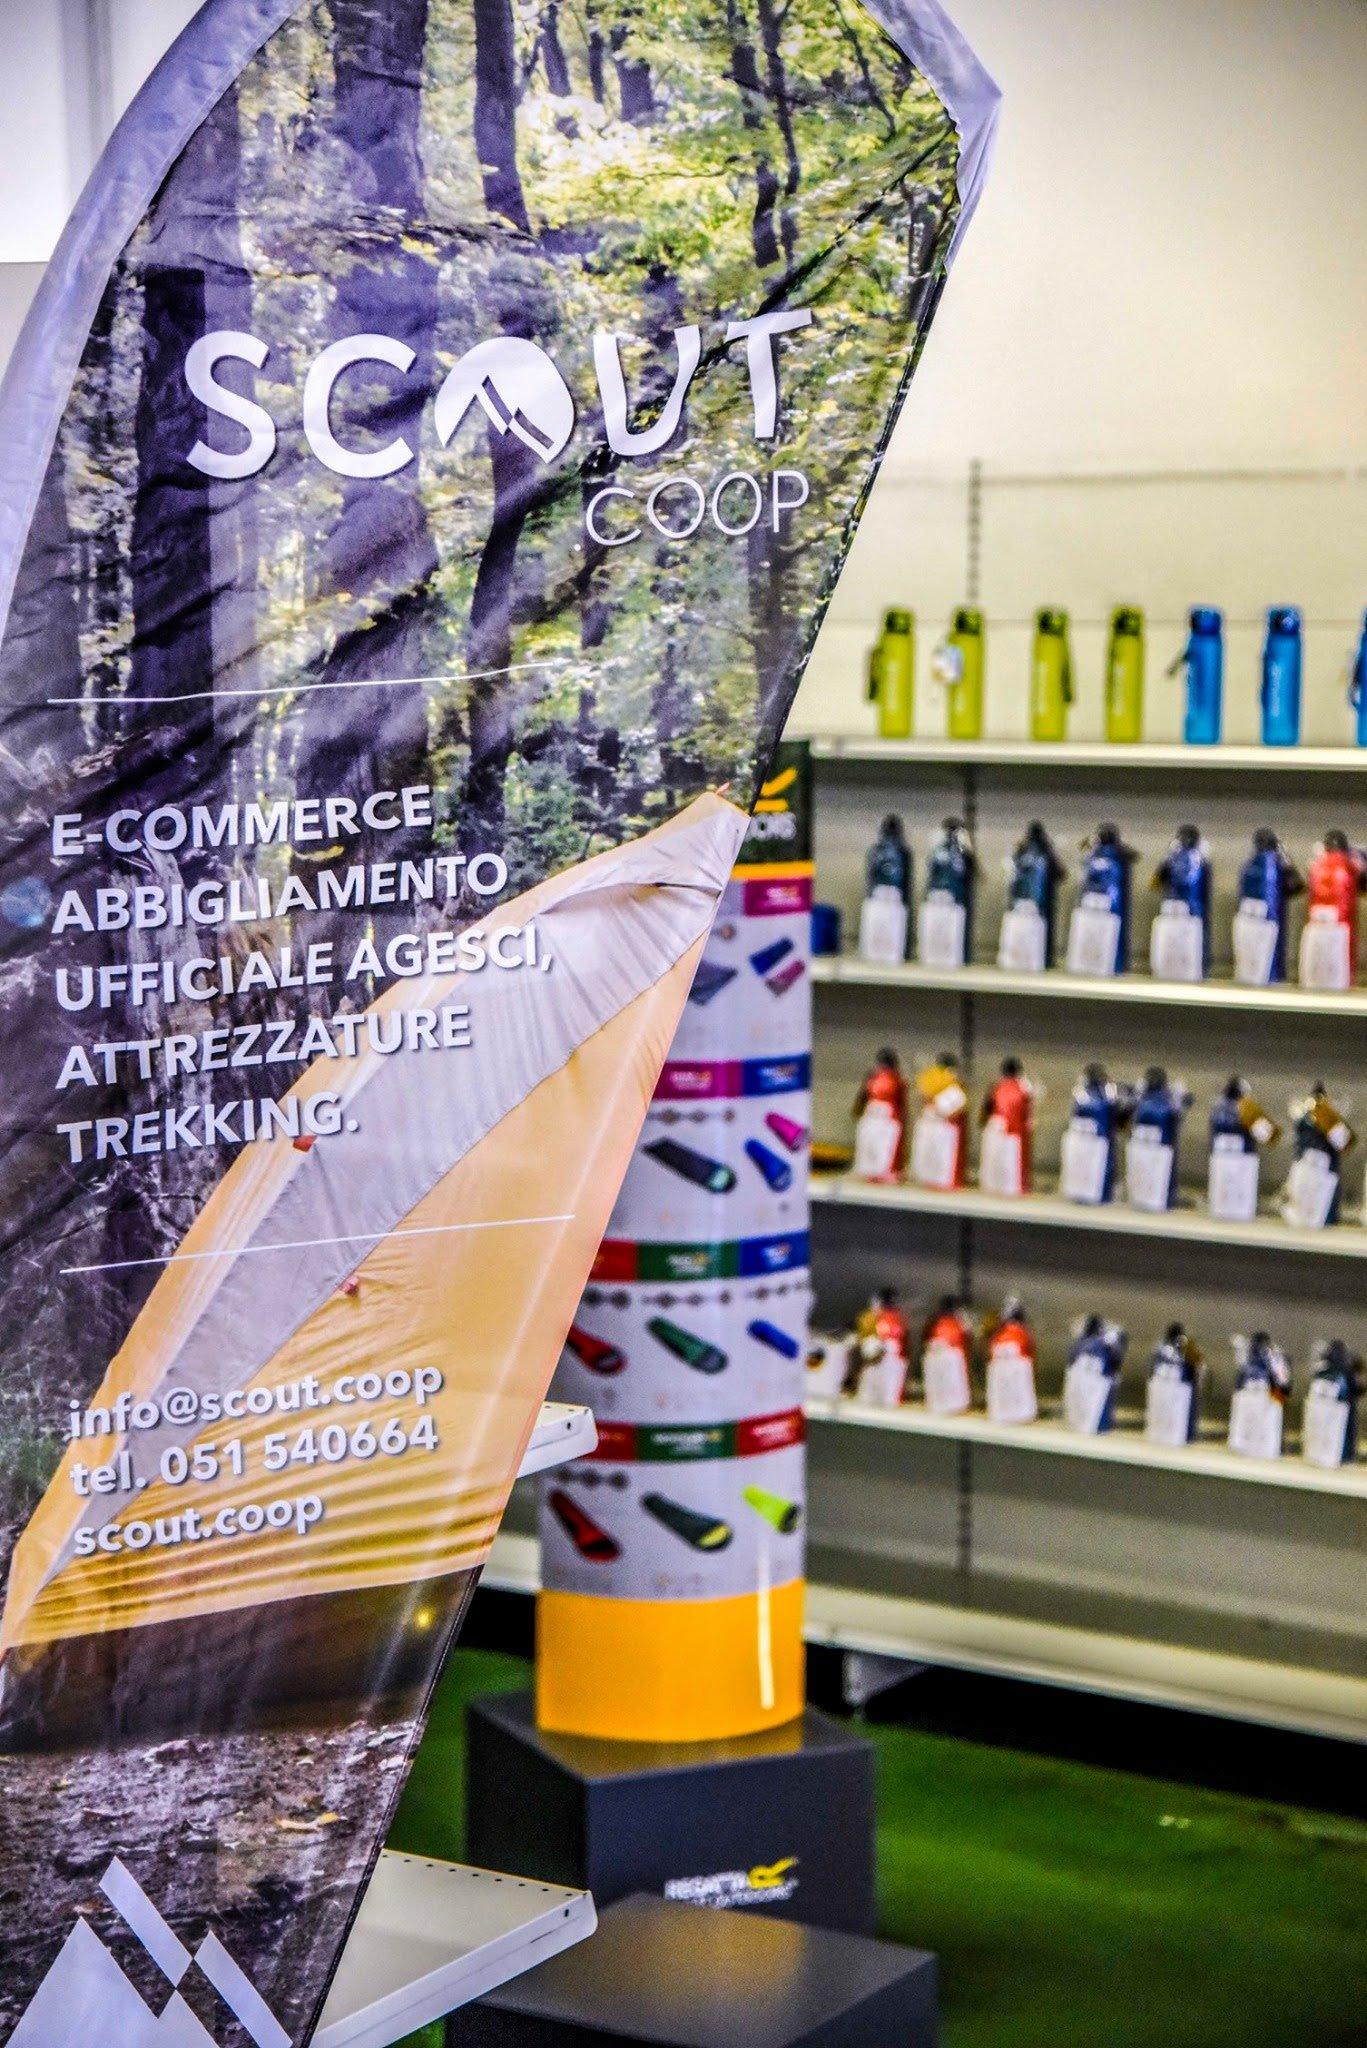 Nuovo punto vendita Scout.coop a Reggio Emilia